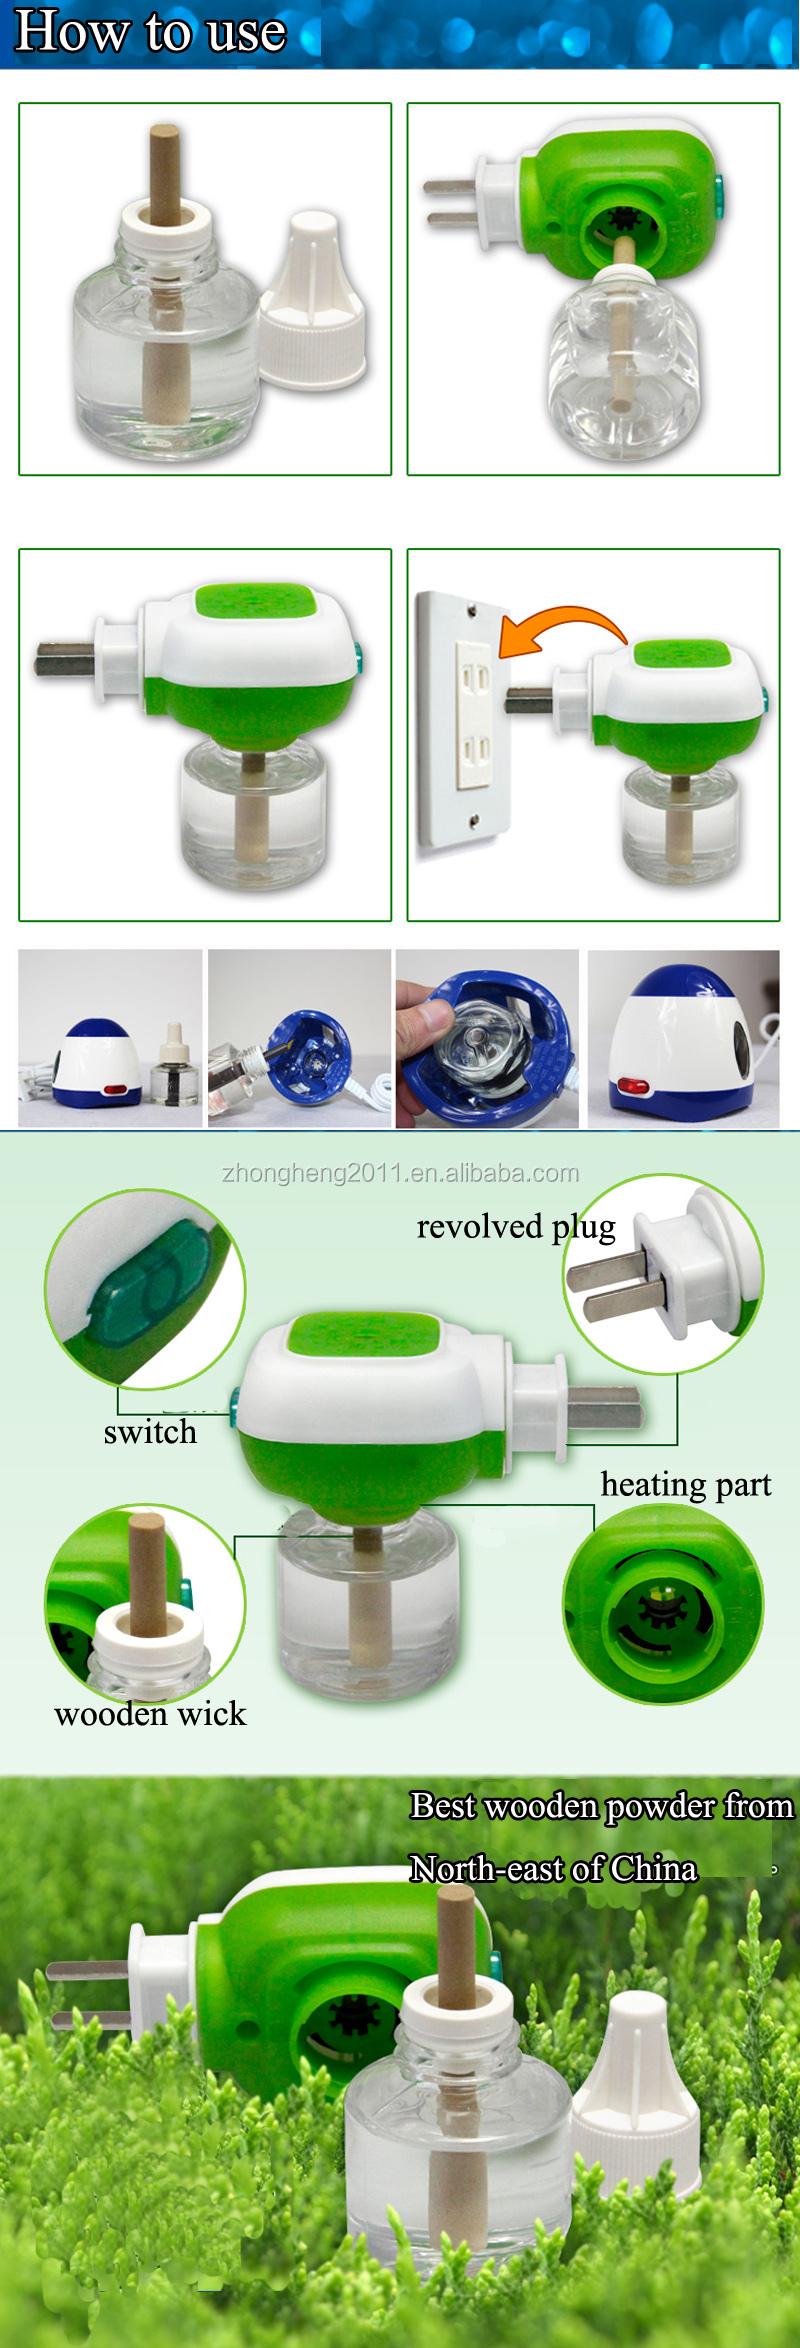 Zhongheng Electric Mosquito Liquid&mat Heater/mosquito ...